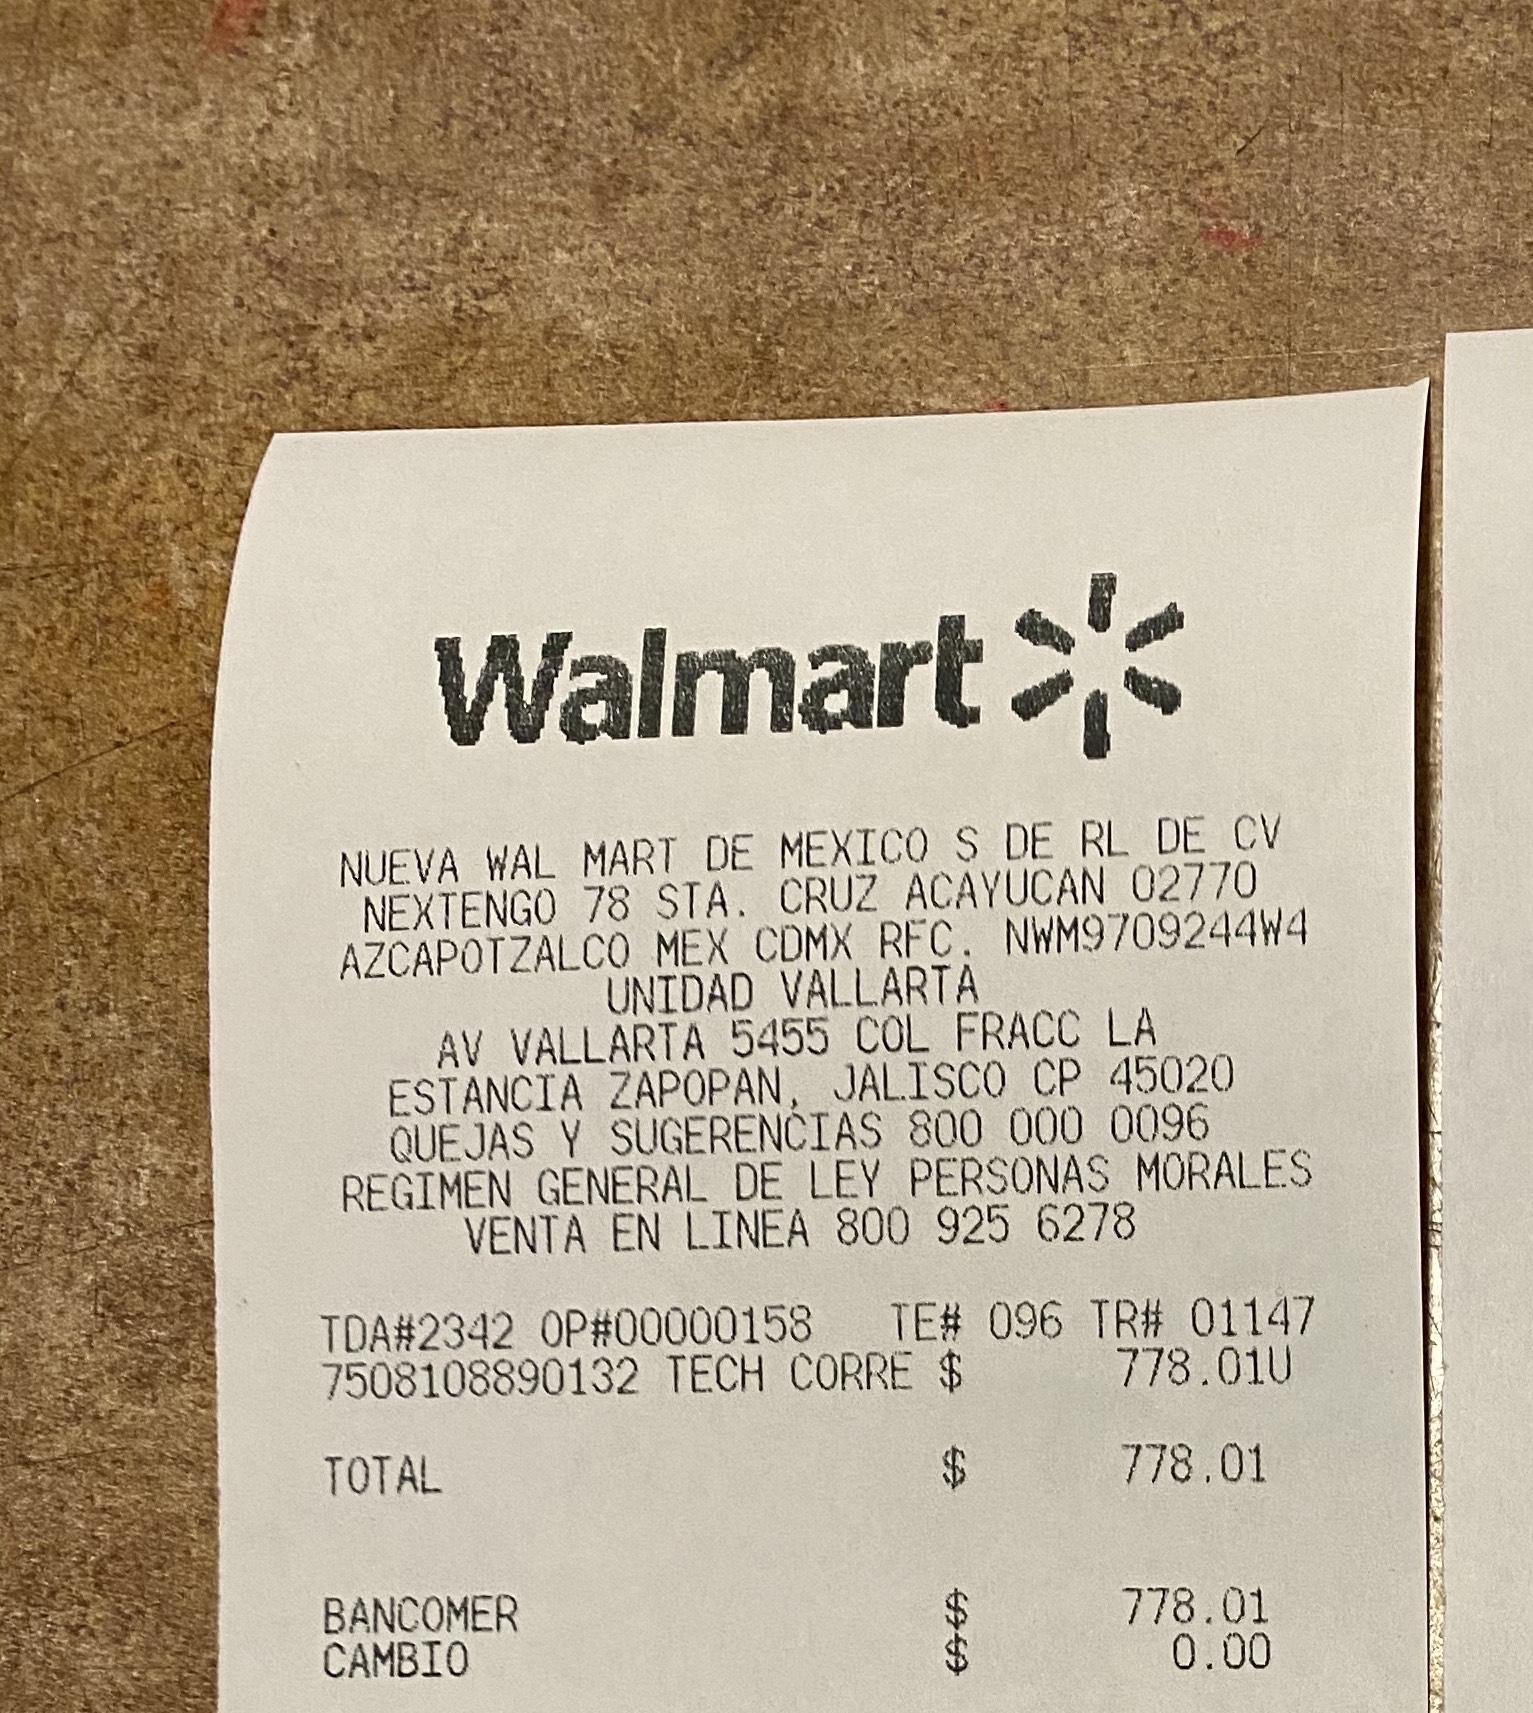 Walmart galerías Gdl Toldo